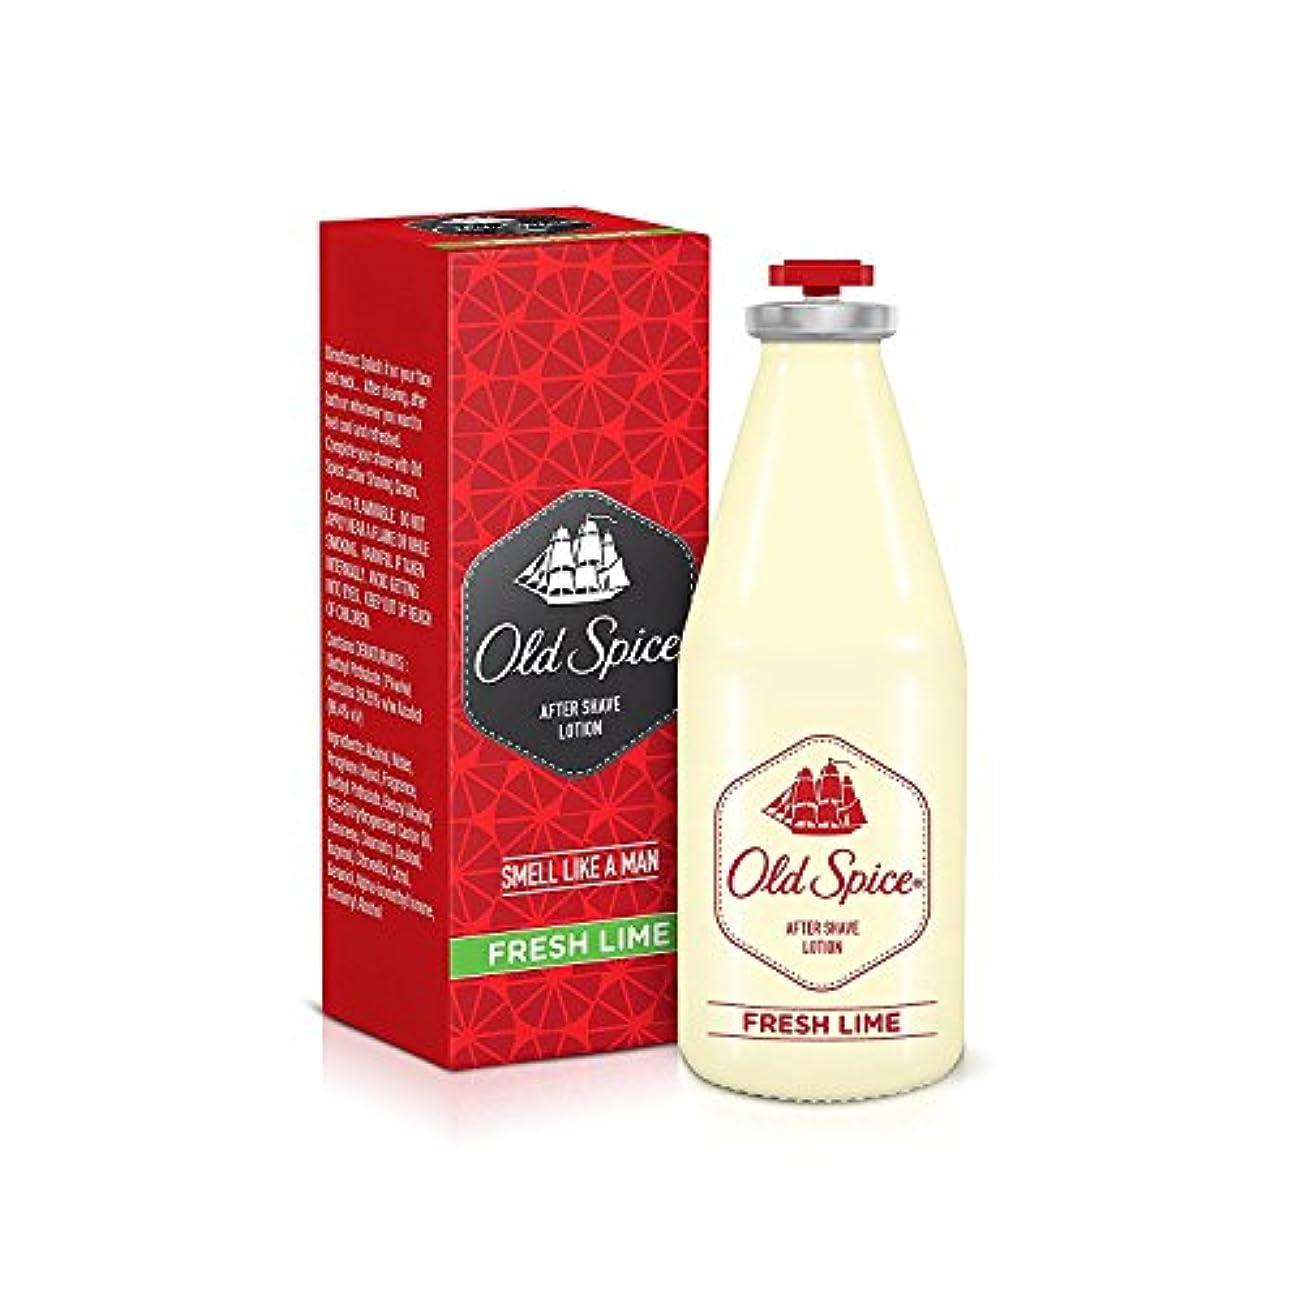 口頭ネブ困難Old Spice After Shave Lotion 150ml - Fresh lime Fragrances